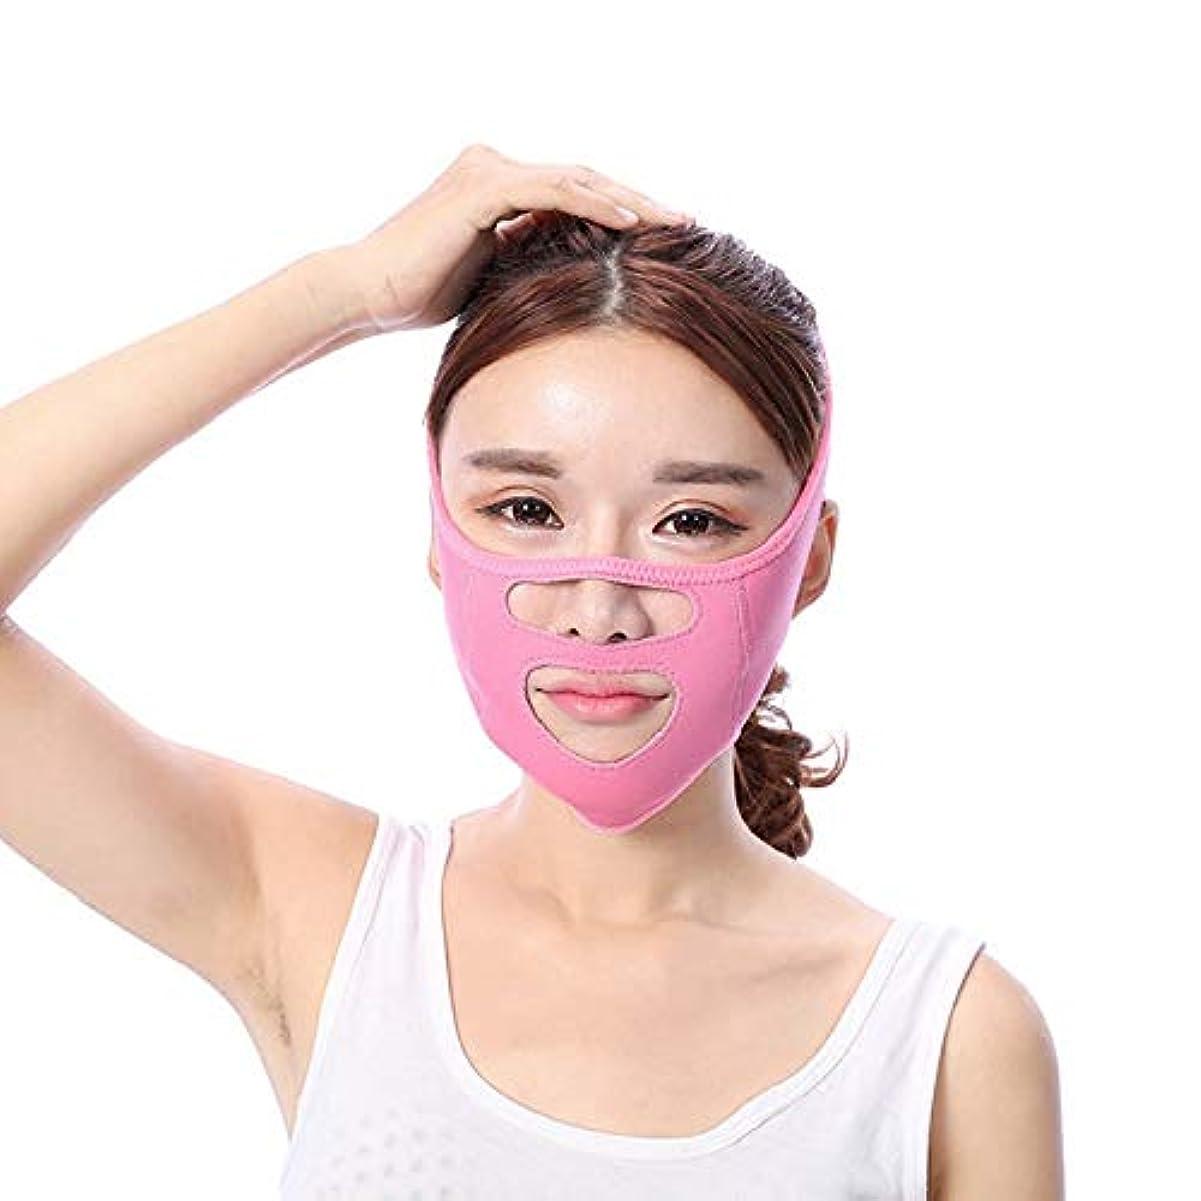 評決ボーダー似ているXINGZHE 顔の持ち上がる痩身ベルト - あなたの顔のための素晴らしいトレーニング二重あごのワークアウトフェイスマスクベルト薄い顔包帯整形マスクは顔と首を締めますフェイススリム フェイスリフティングベルト